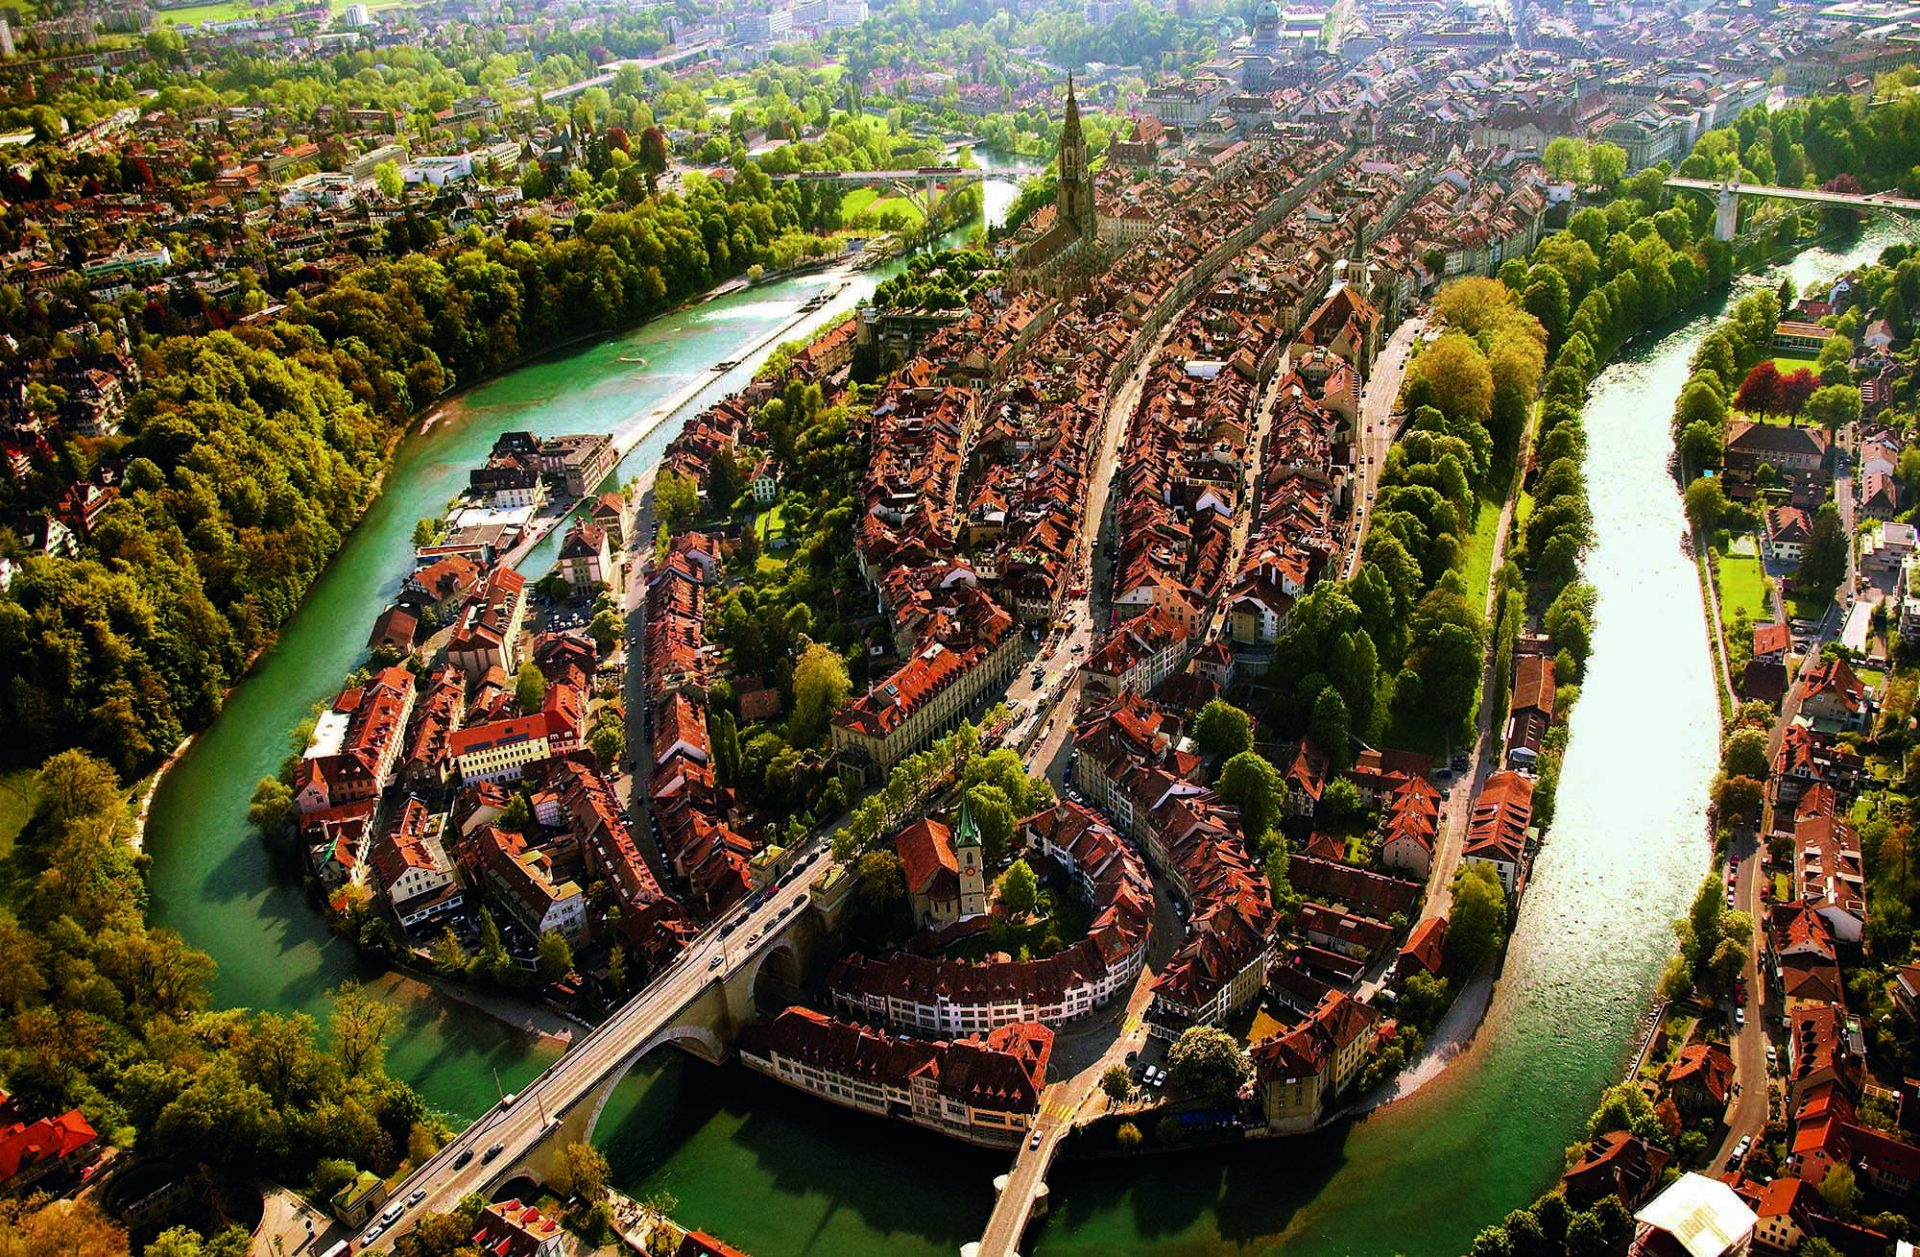 Pittoresk. Hauptstadt der Schweiz mit dem Welterbe Altstadt und der Aareschlaufe. Die Aare ist ein schneller Fluss. Das Tempo macht den Fluss lebendig und unruhig und gibt ihm den charakteristischen Sound: ein komplexes Plätschern und Gluckern – das Aarerauschen.